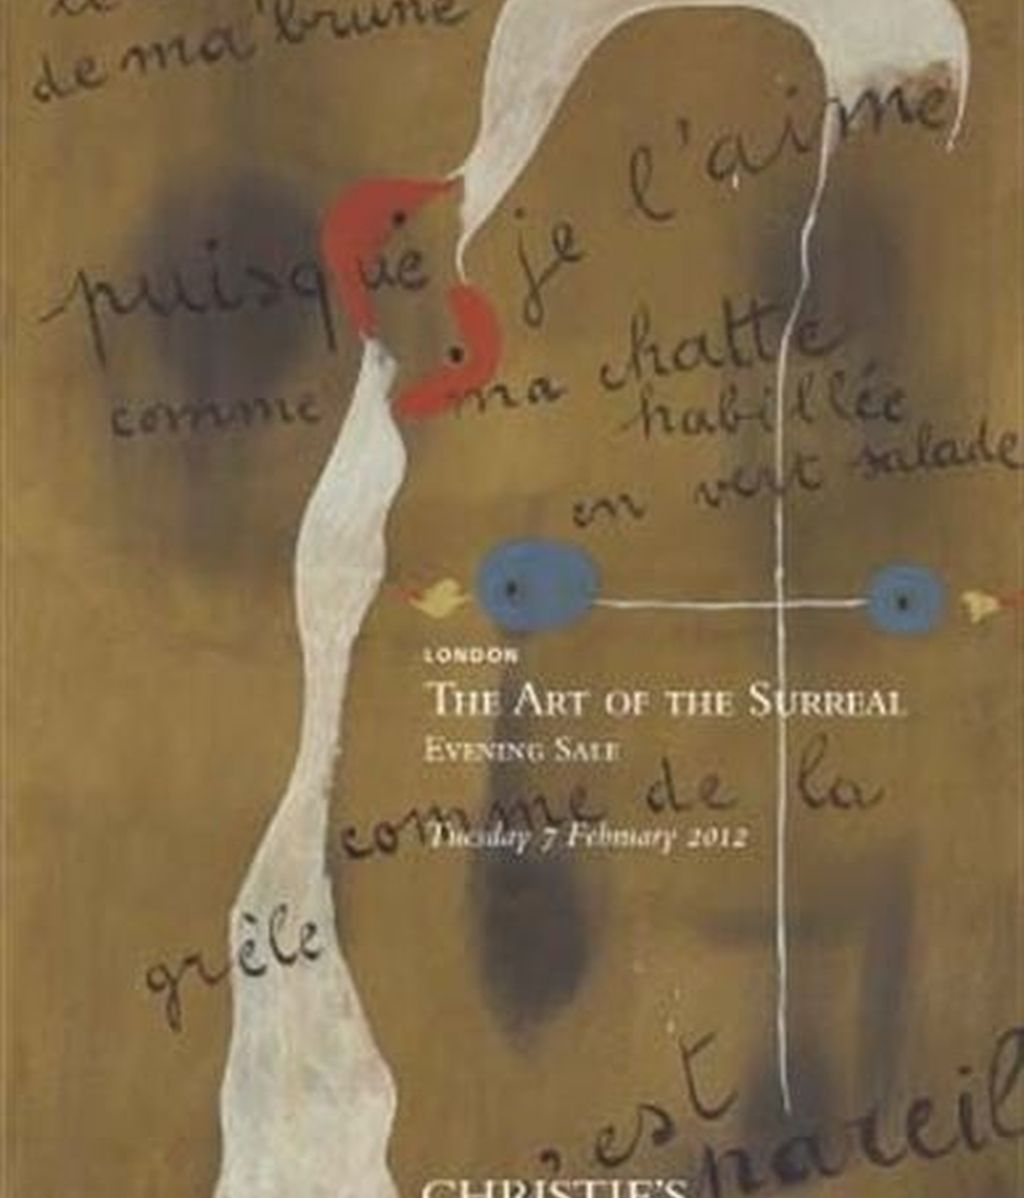 Le corps de ma brune puisque je l'aime comme ma chatte habillé en vert salade comme de la grêle c'est pareil (1893-1983), del artista catalán Joan Miró